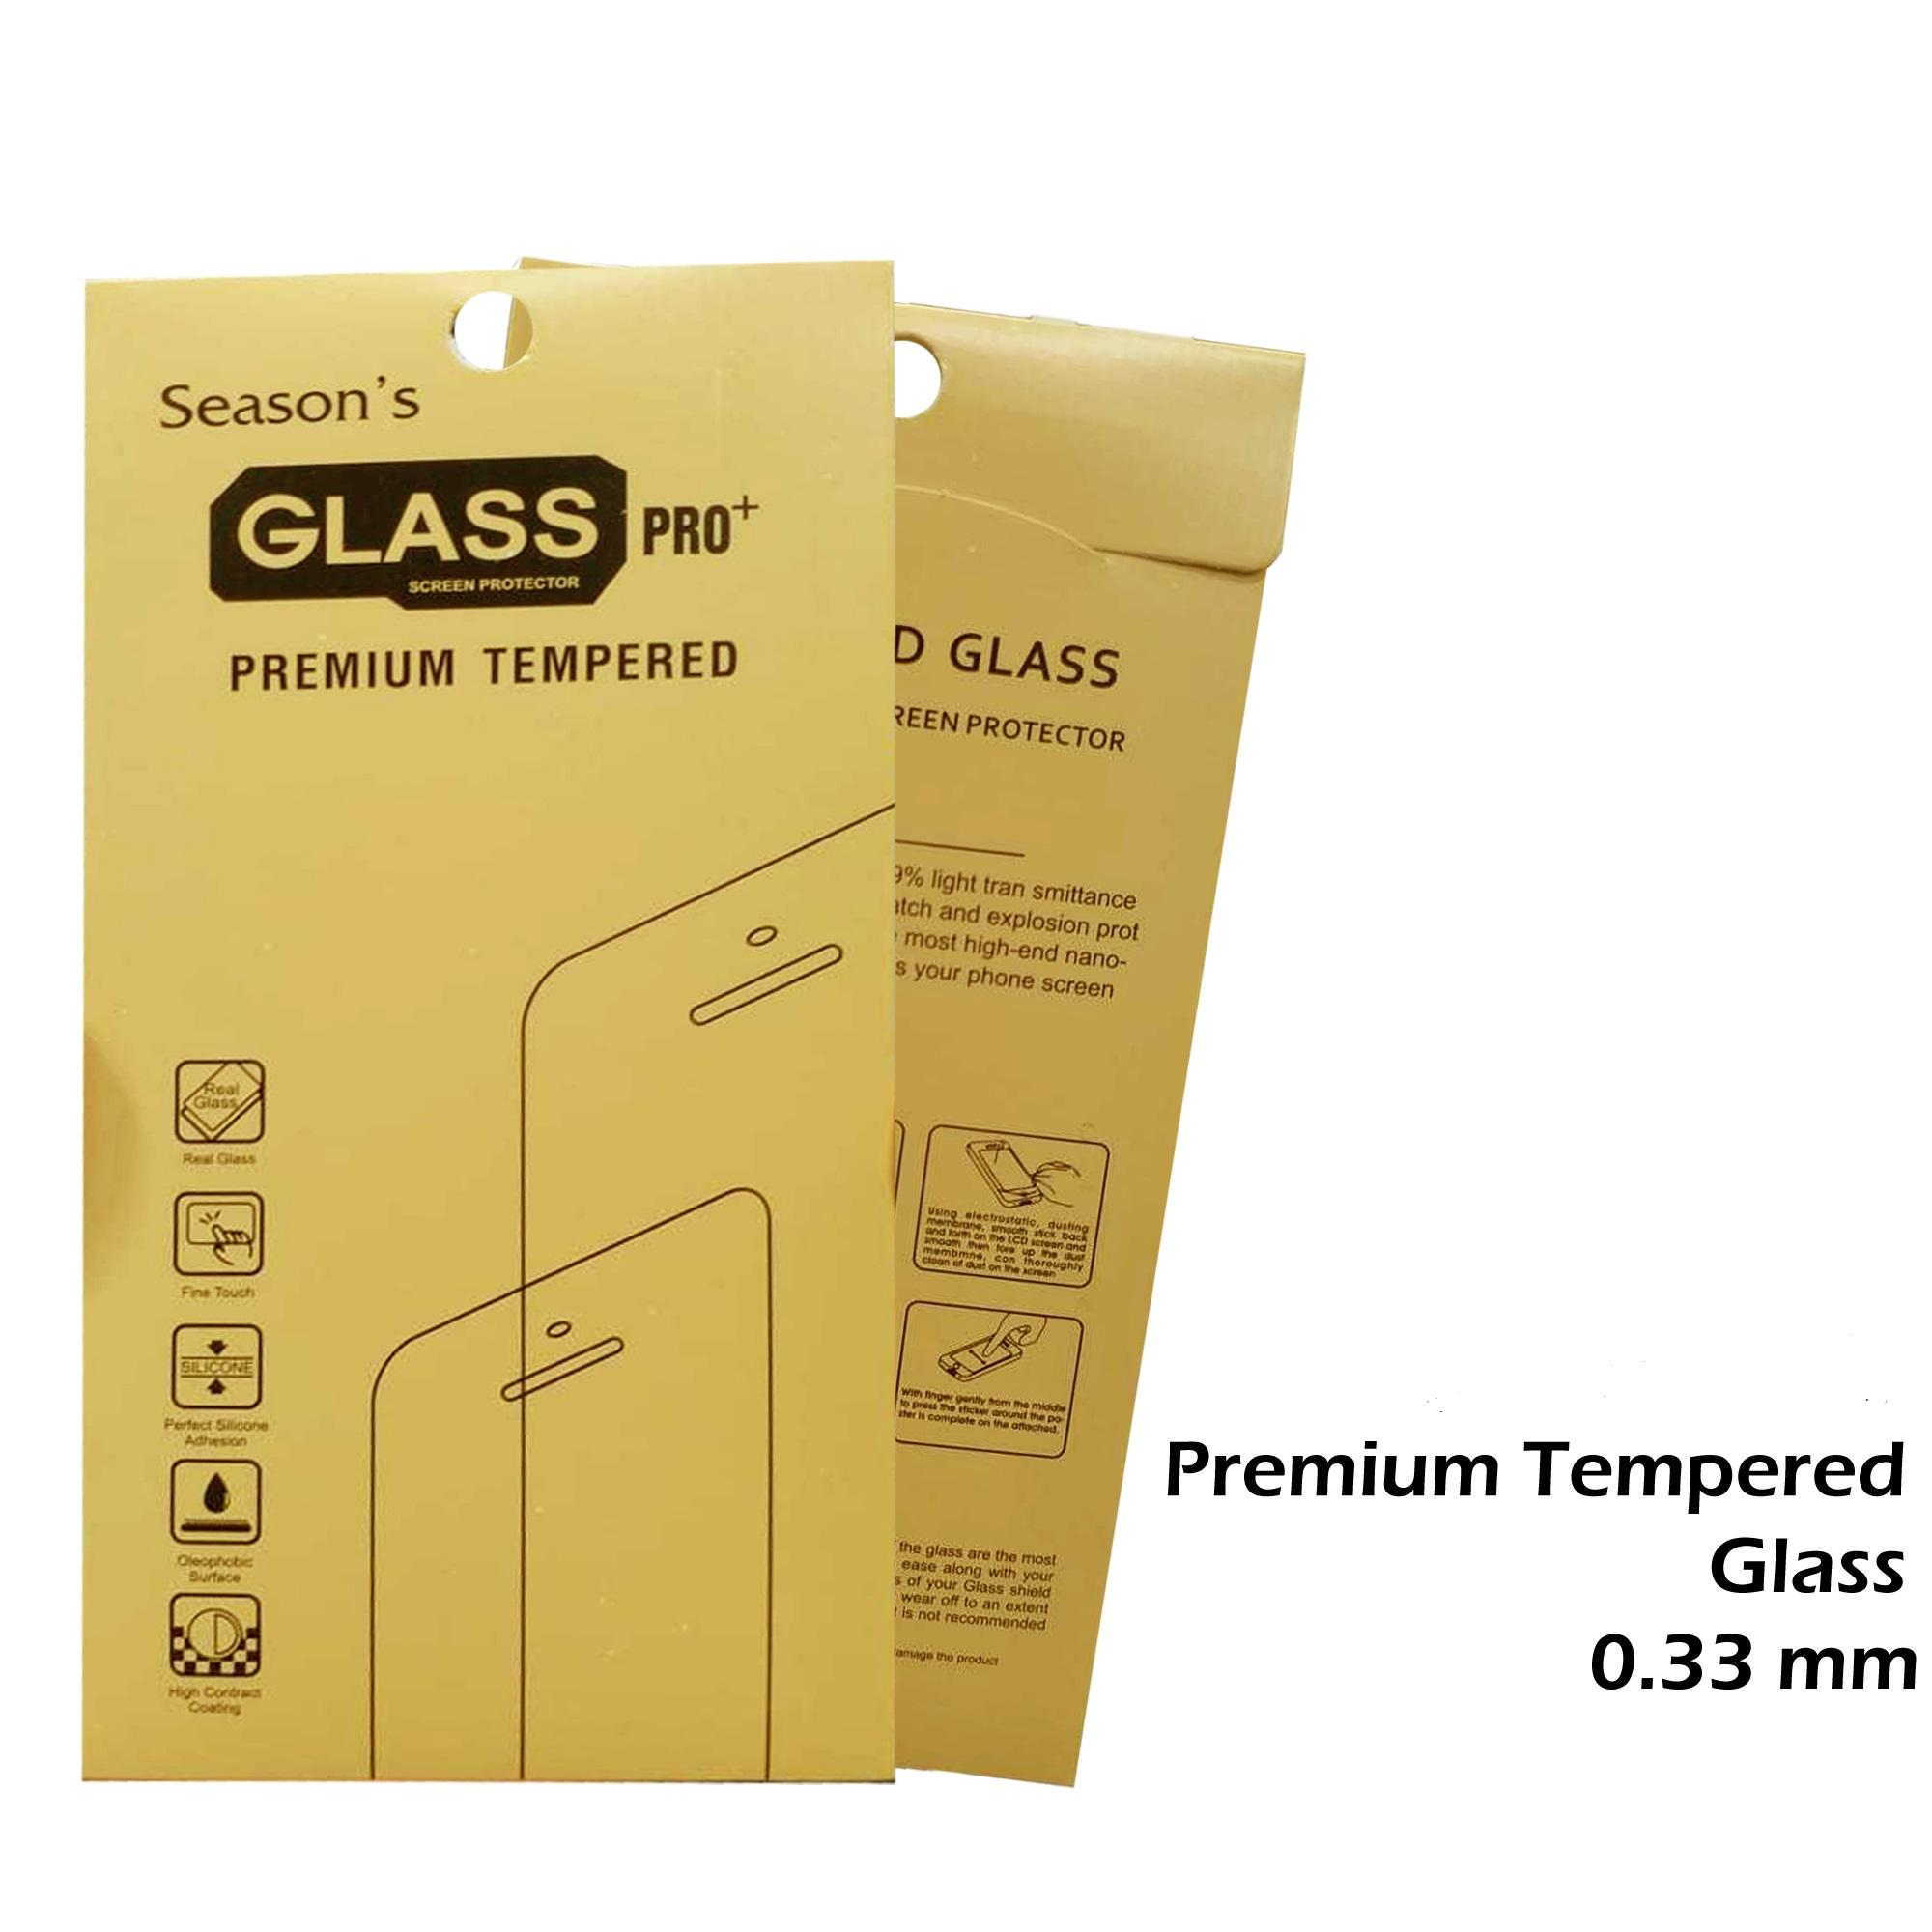 Fitur Tempered Glass Kaca For Samsung Galaxy J5 Prime Dan Harga Temperred Anti Gores Smartphone